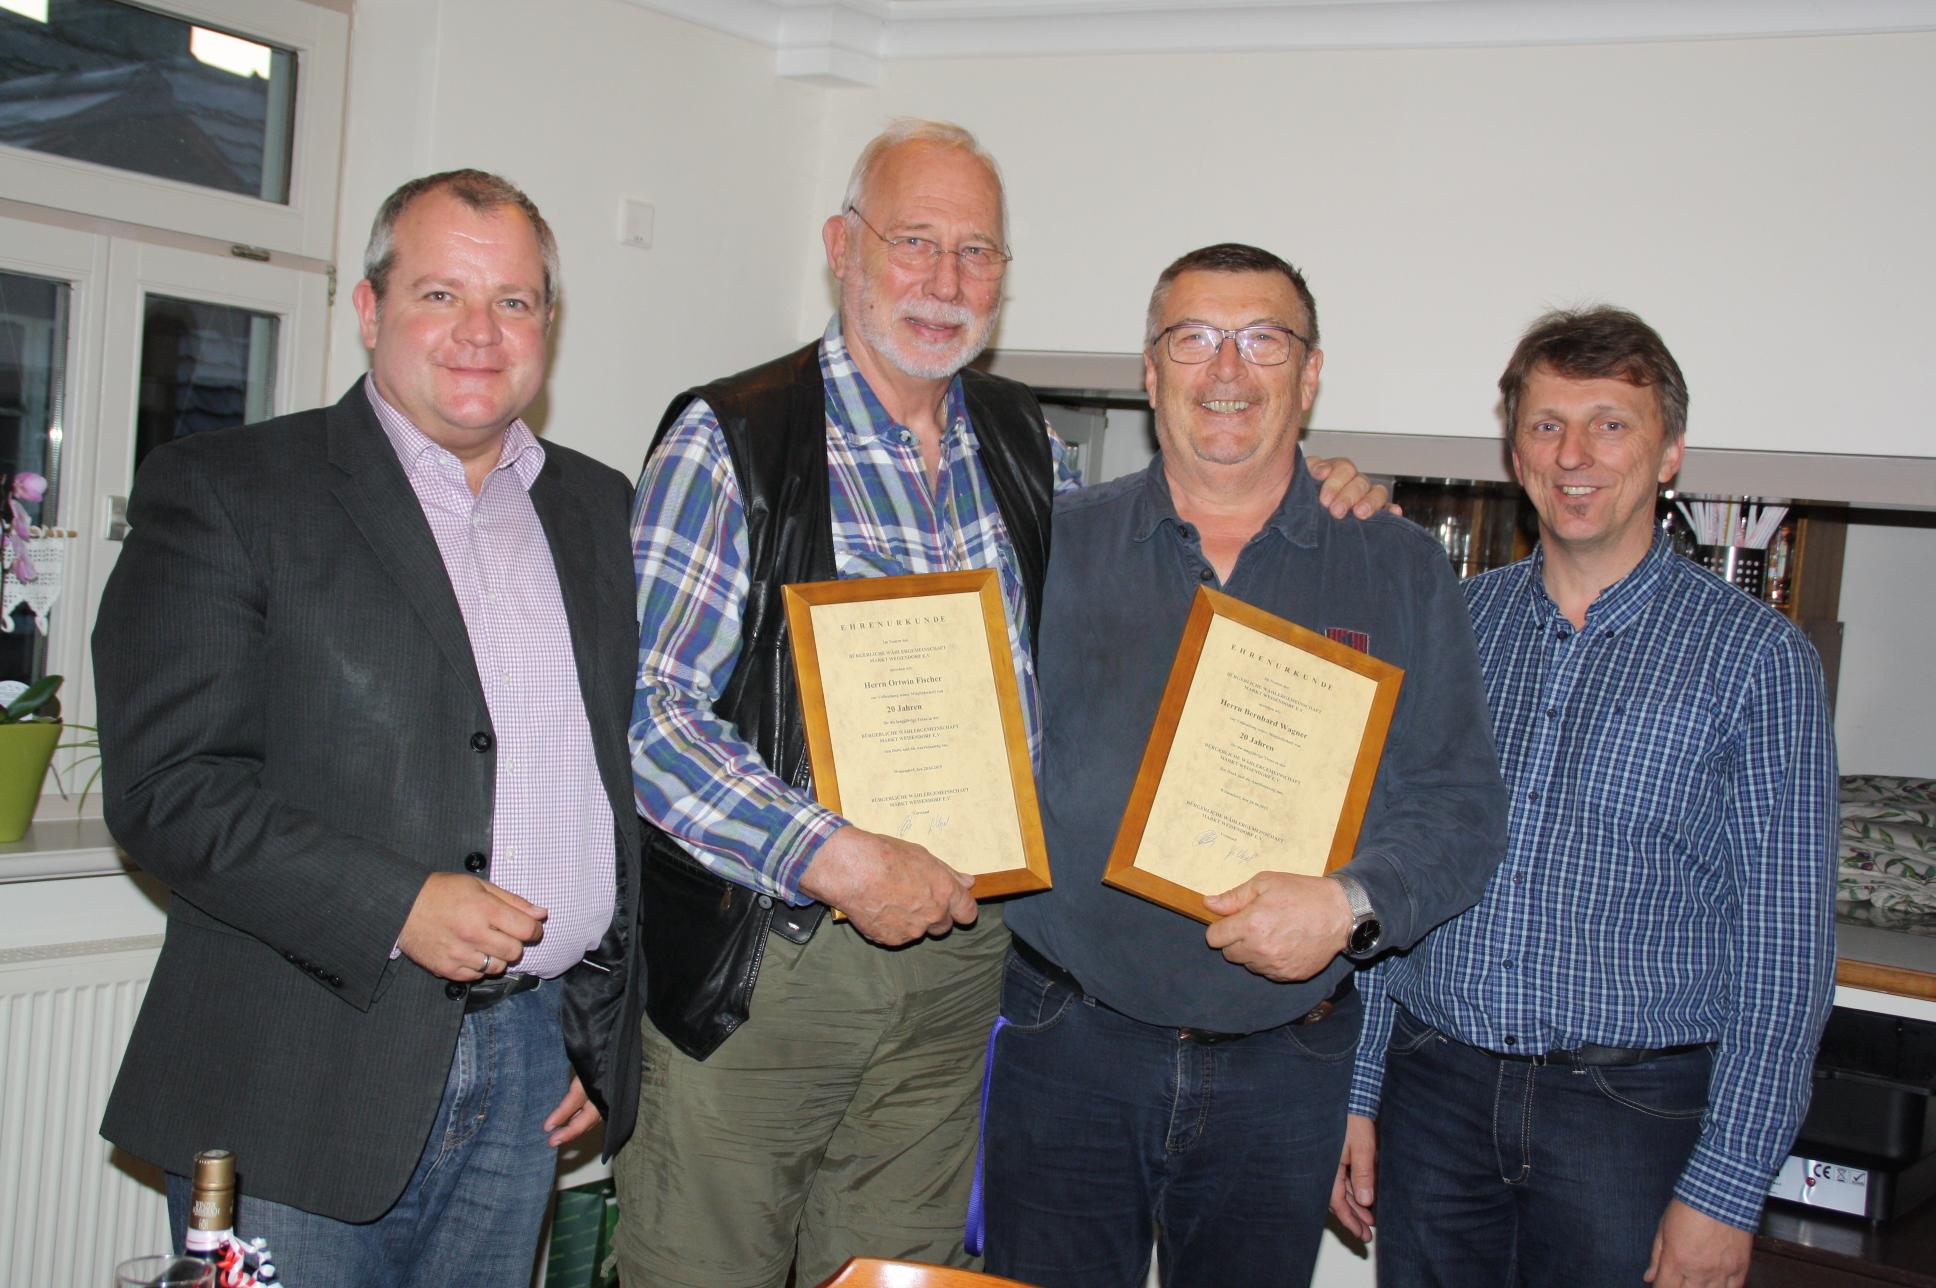 Die Bürgerliche Wählergemeinschaft Weisendorf ehrte für 20 Jahre Mitgliedschaft Ortwin Fischer und Bernhard Wagner, flankiert vom 1. Vorsitzenden Thomas Rudel und 2. Vorsitzenden Günther Vogel (von links).